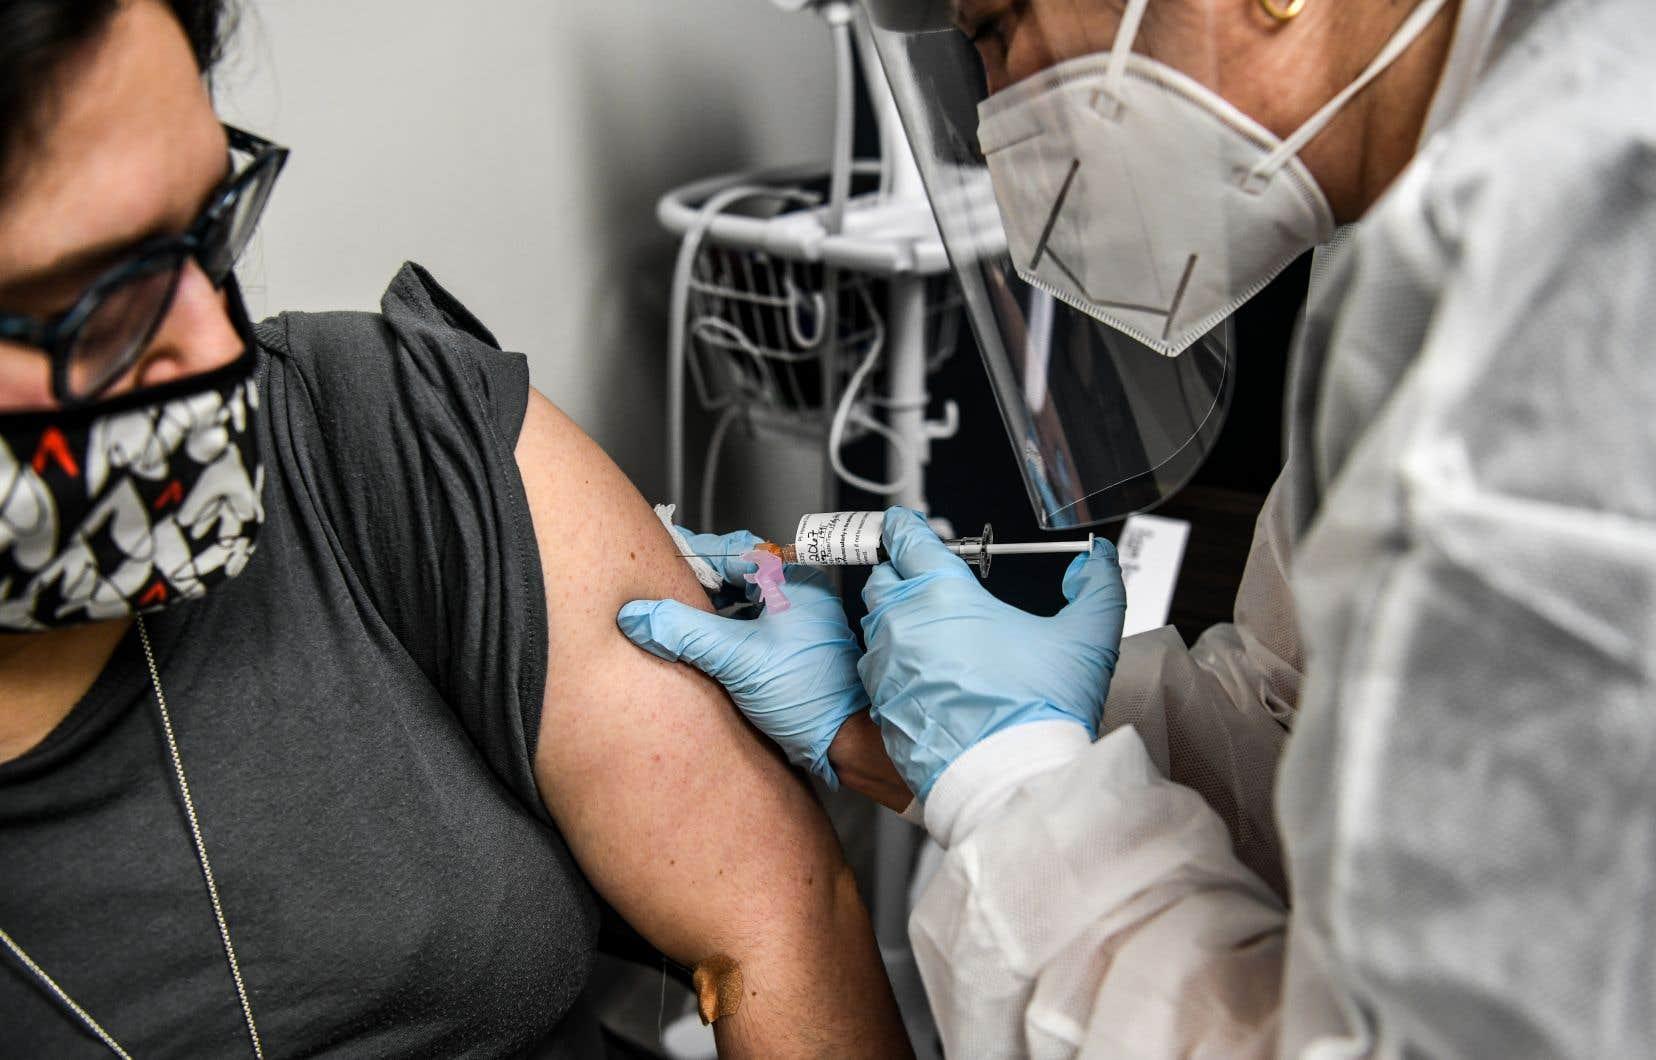 Pas moins de 35 % des répondants attendraient de voir si le vaccin est vraiment sécuritaire. D'autres, par contre, indiquent qu'ils ne font pas confiance à la vaccination en général.